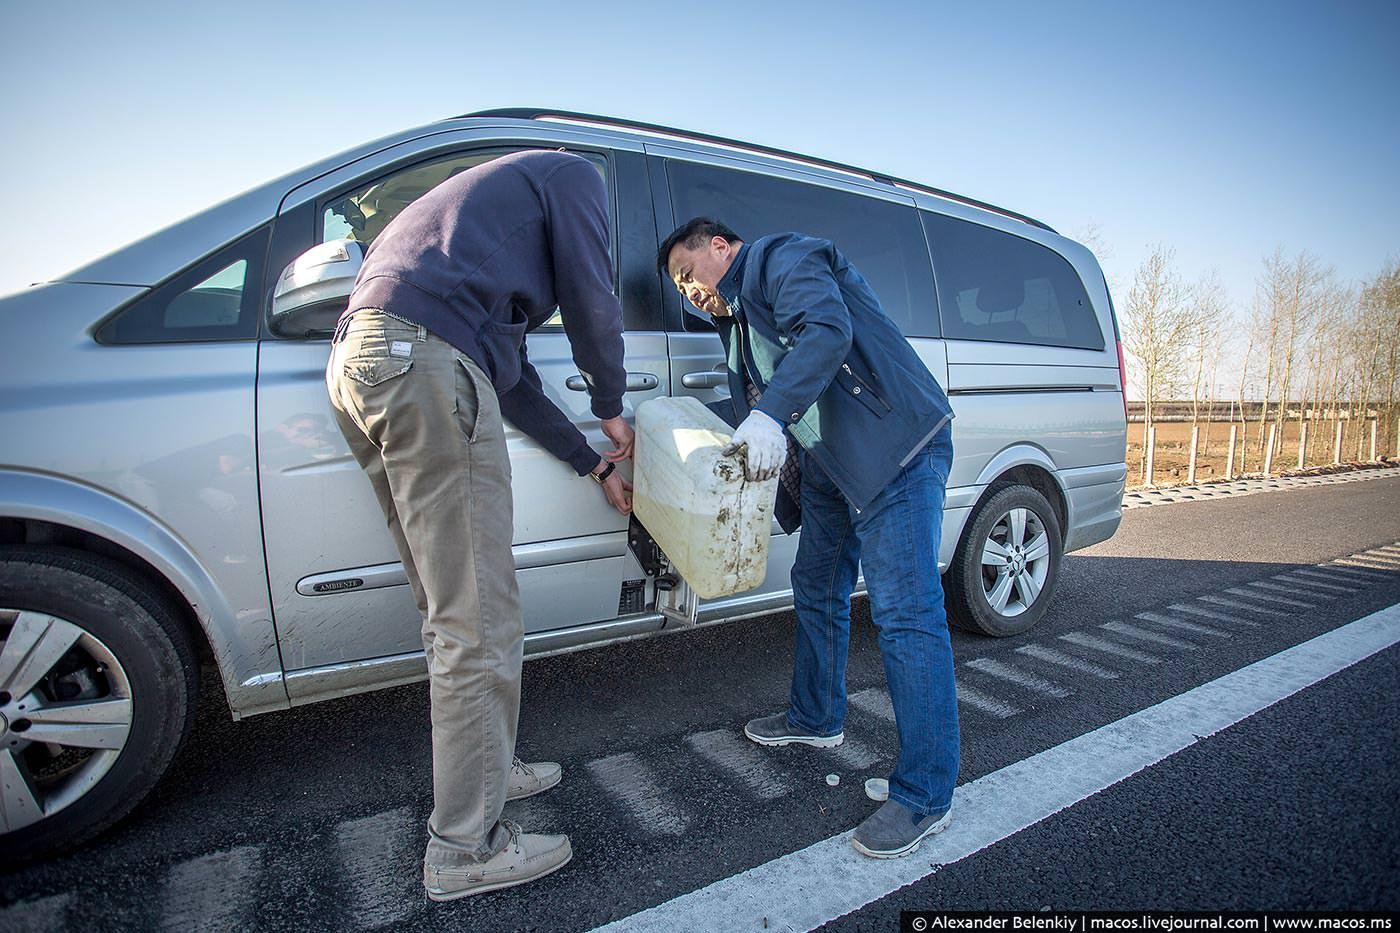 отлично картинки бензин на дороге поцелучик этой гифке